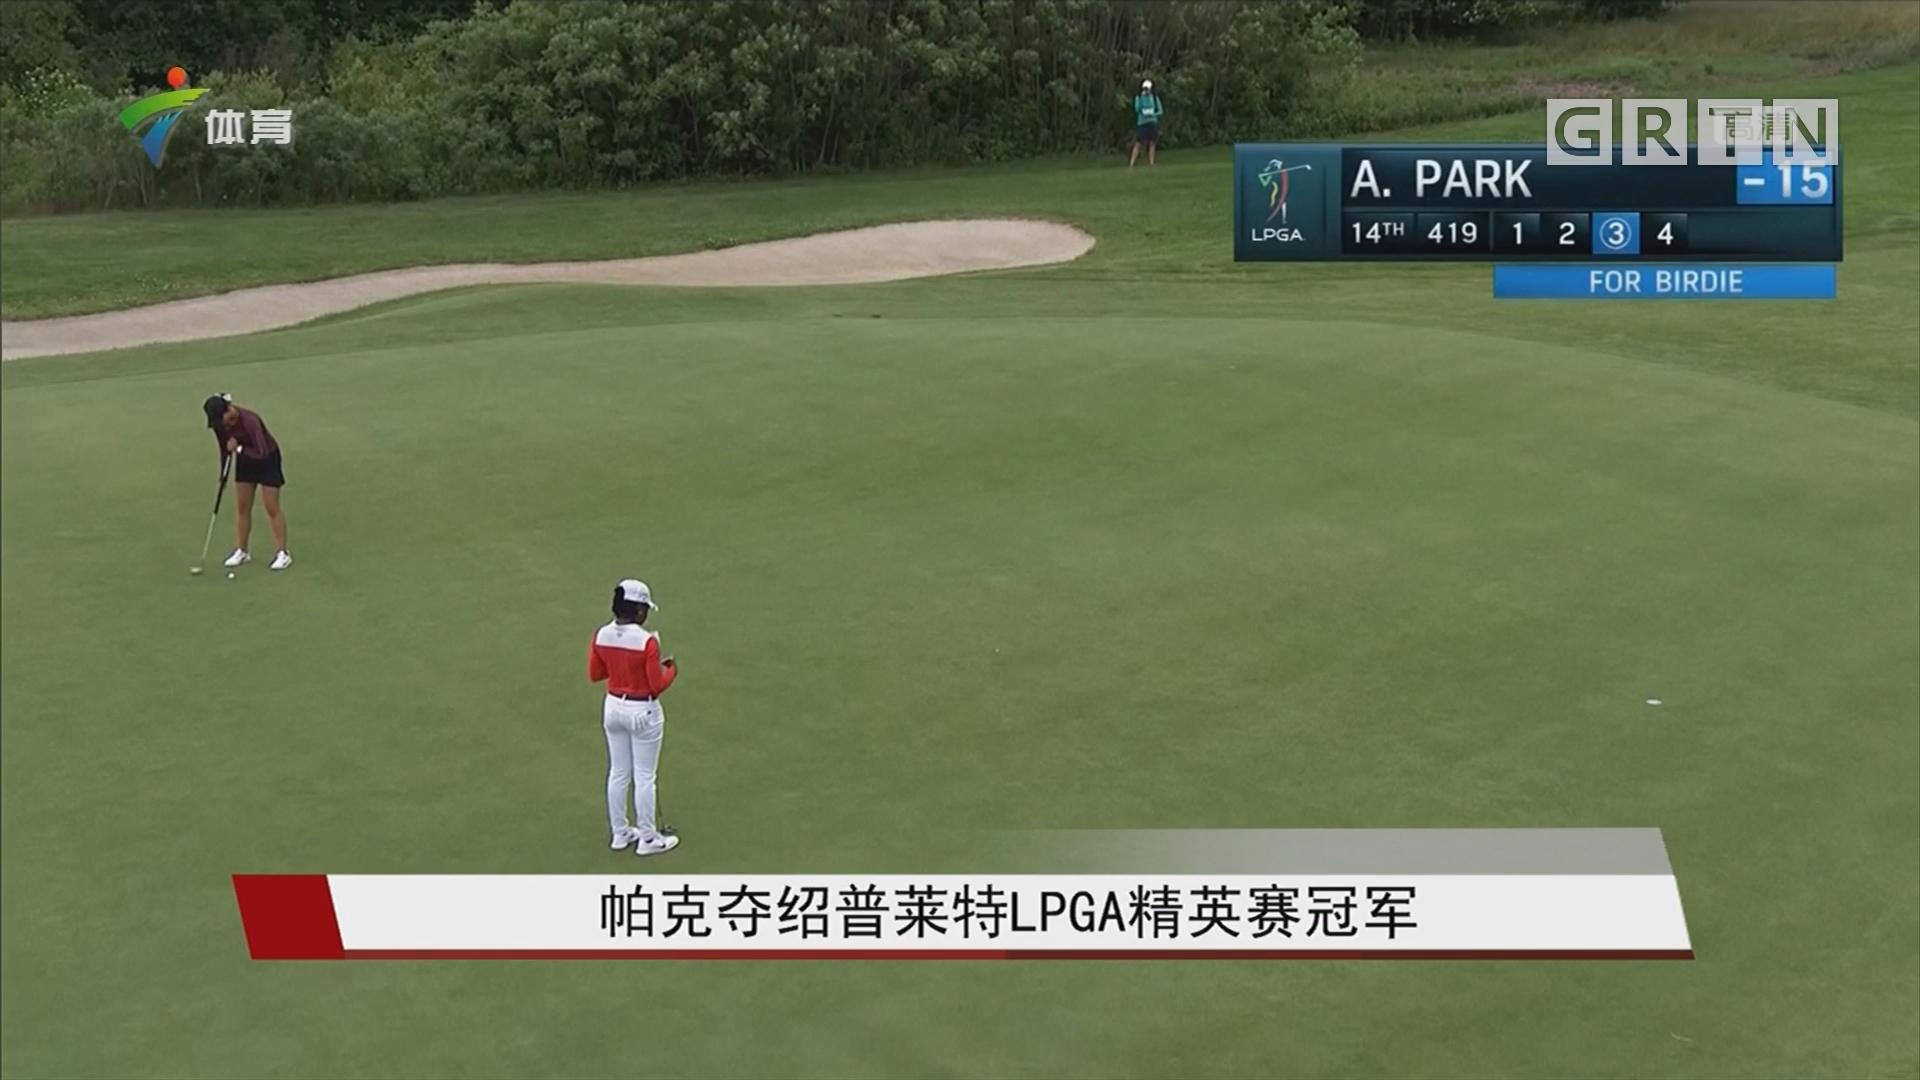 帕克夺绍普莱特LPGA精英赛冠军